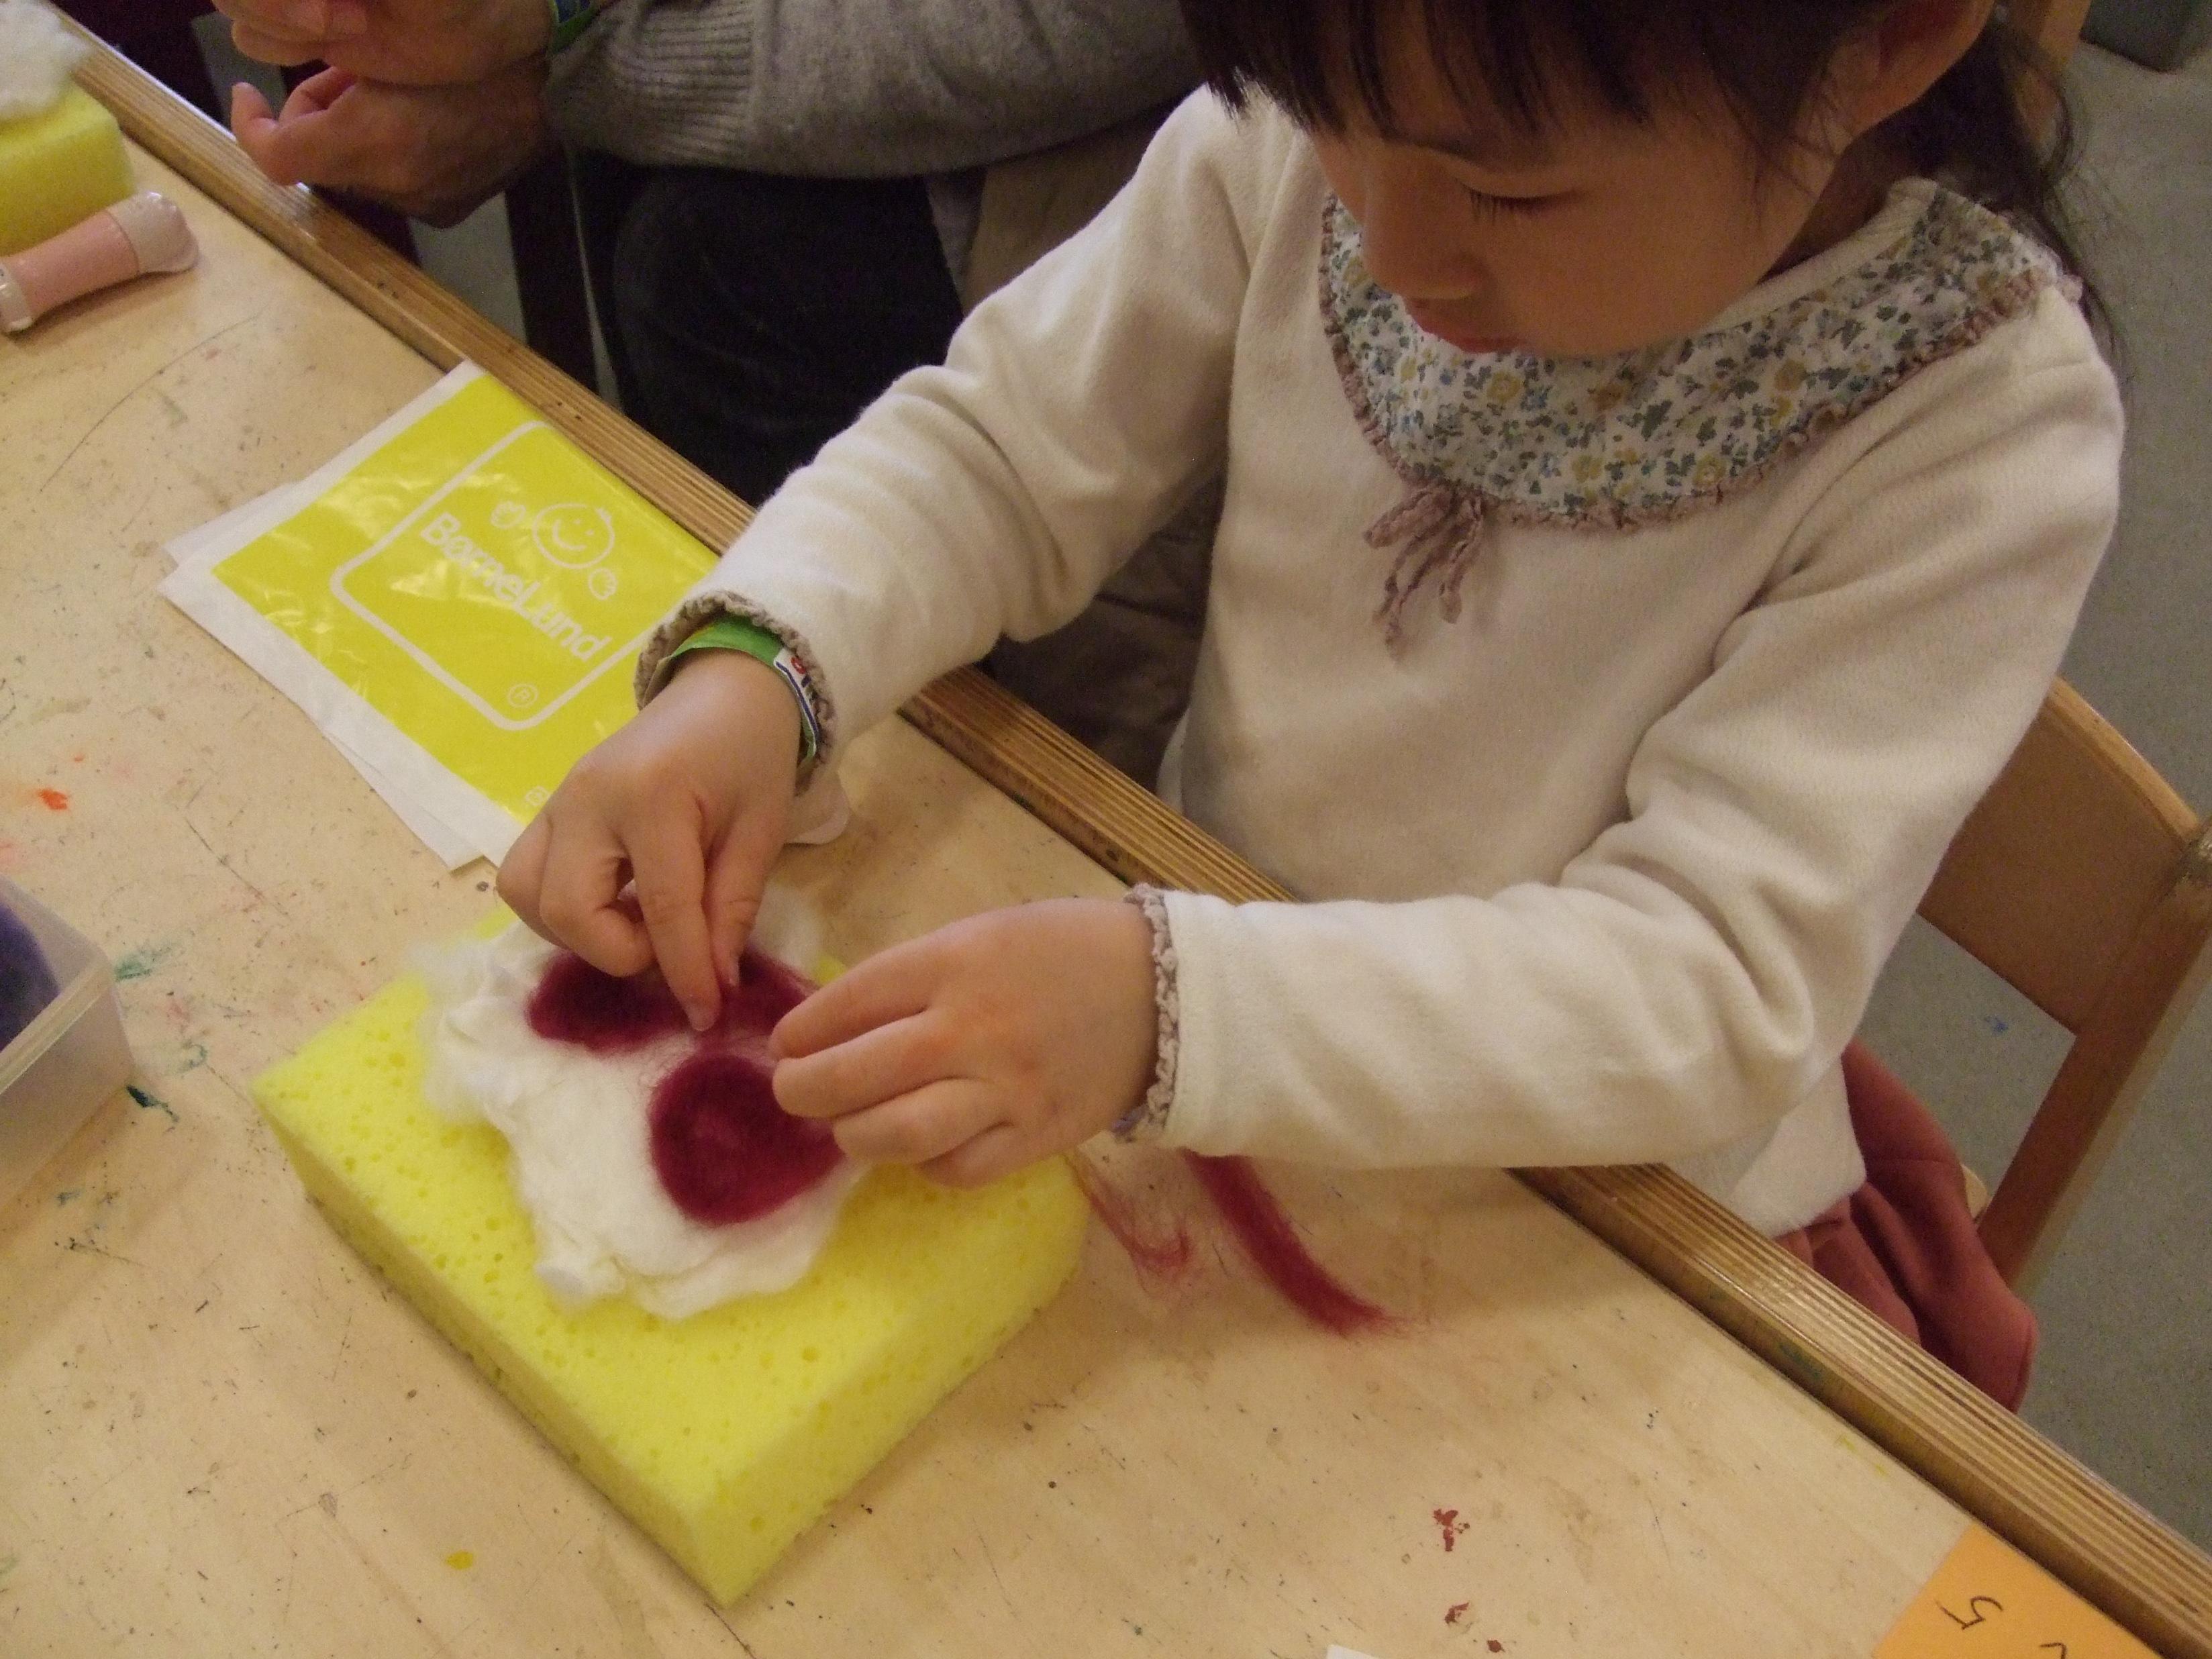 羊毛でふわふわフェルト作り